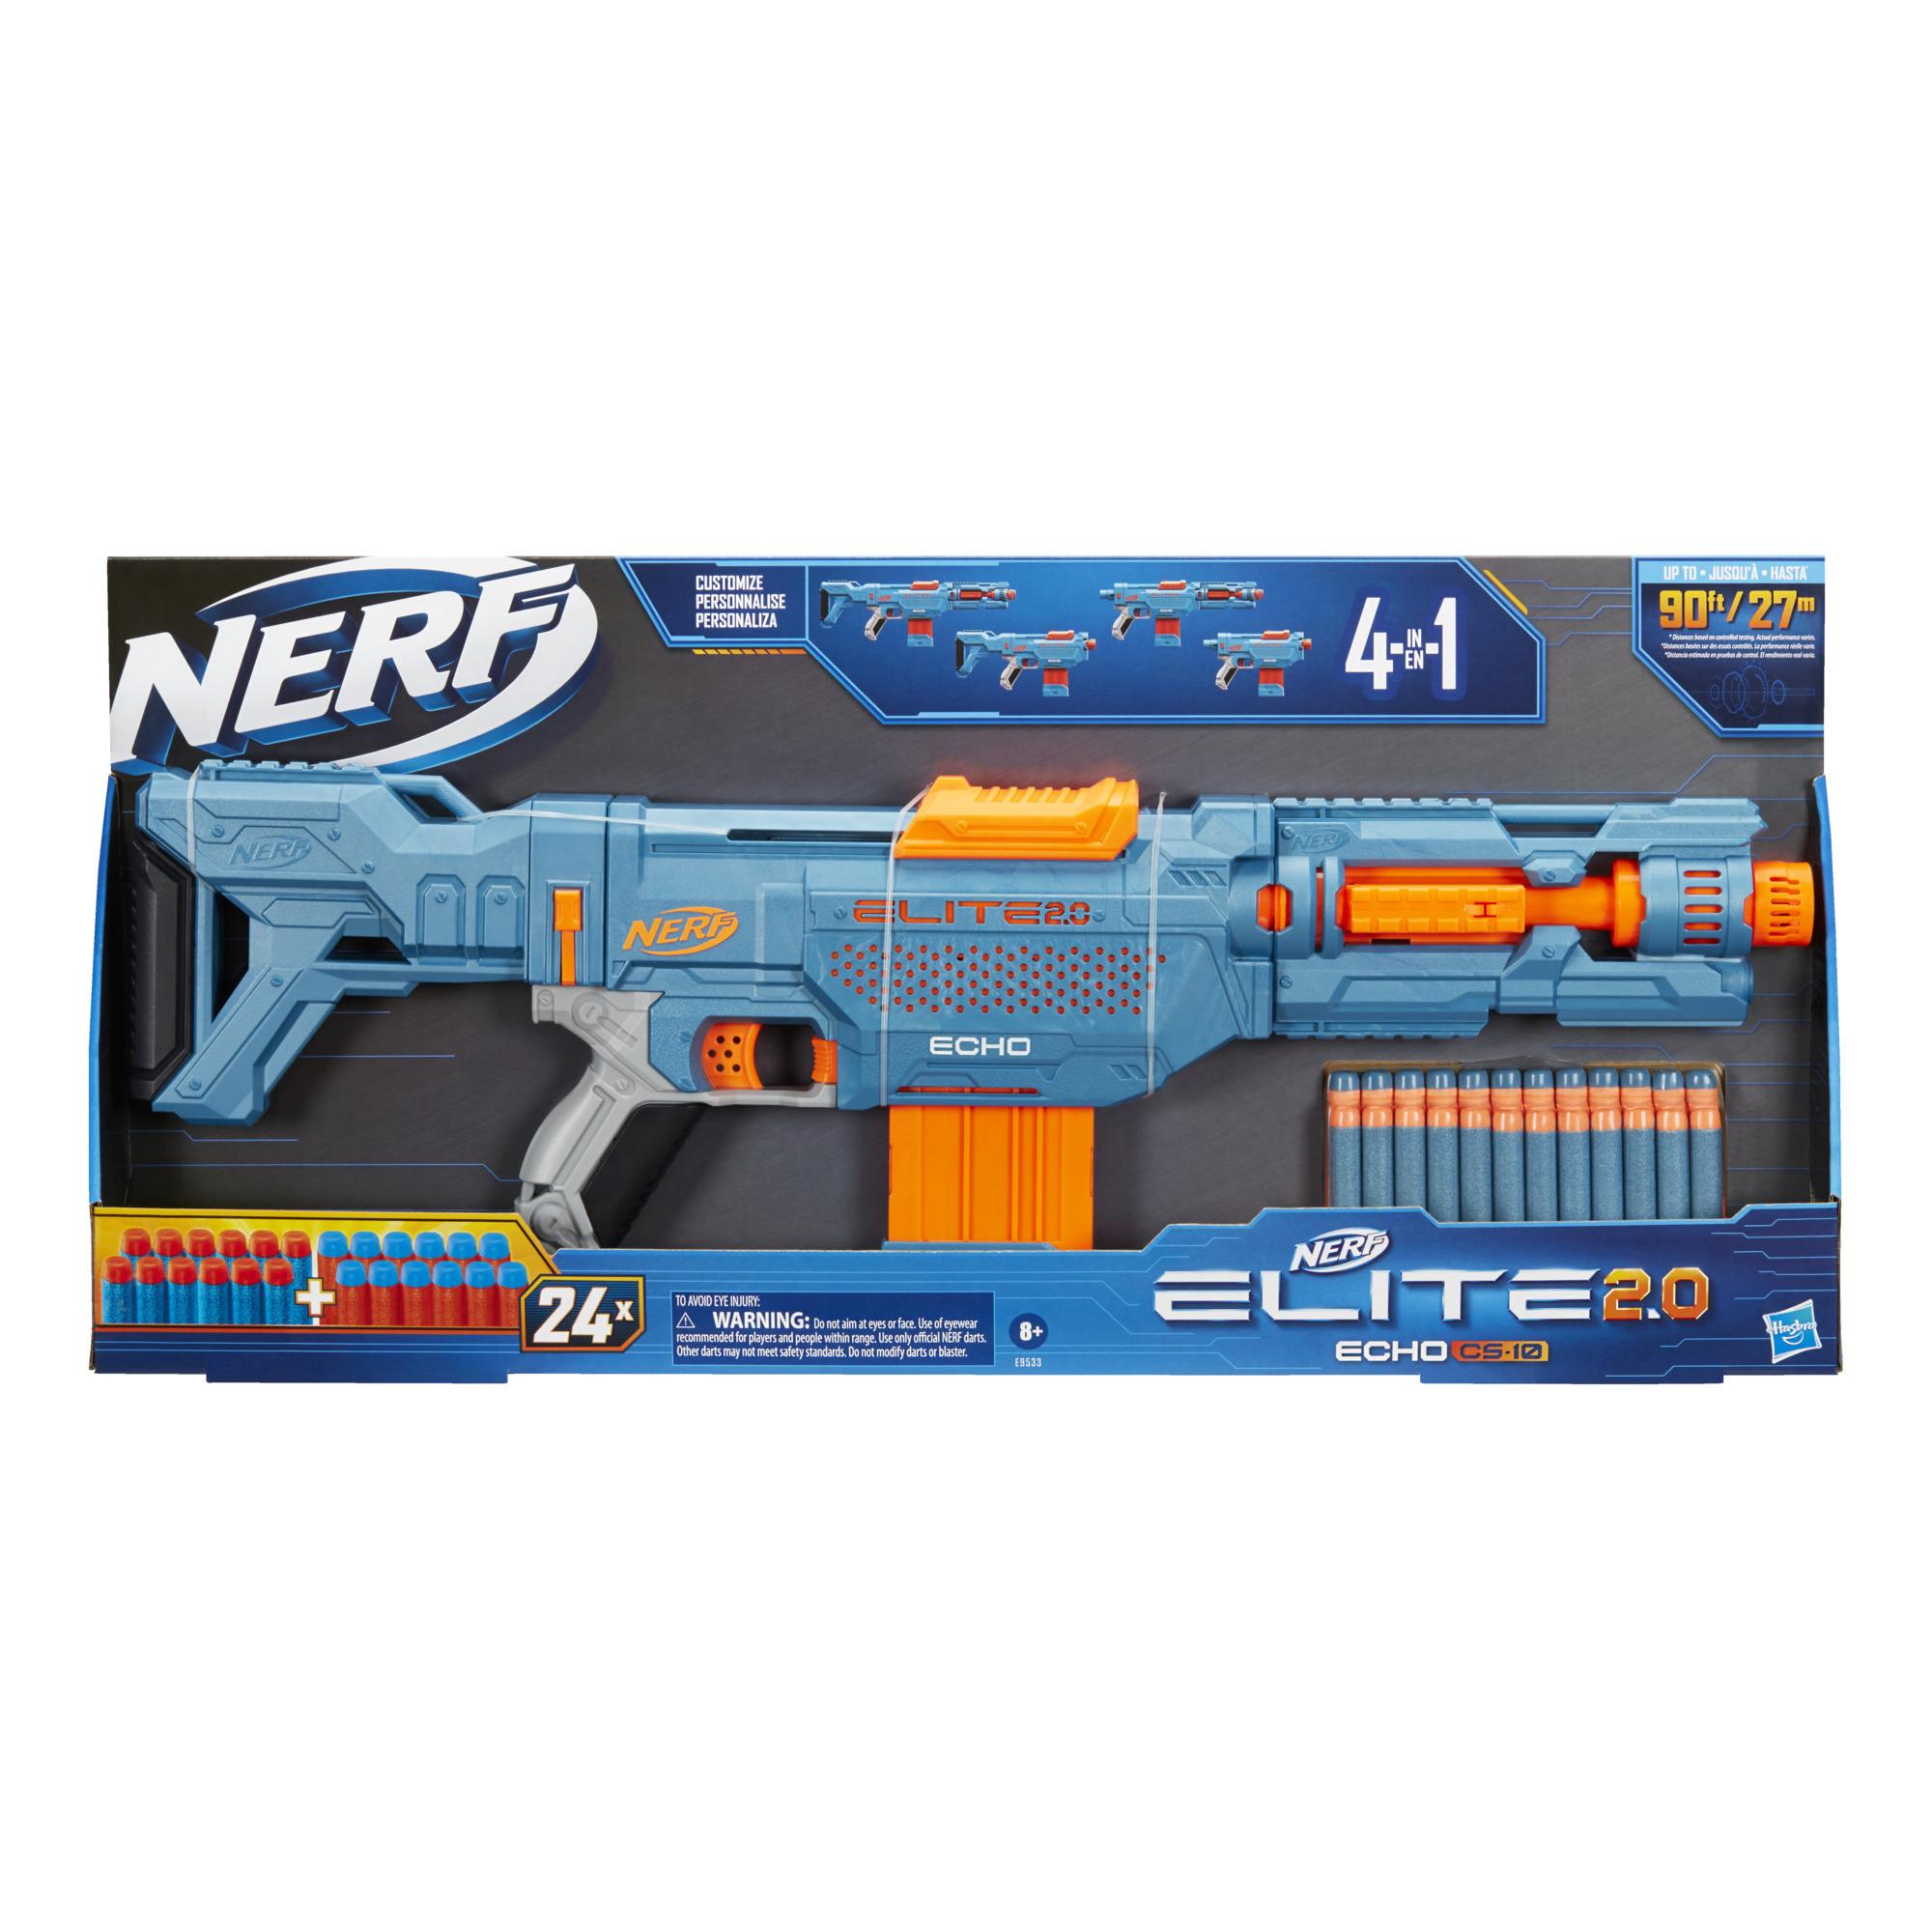 Nerf Elite 2.0 Echo CS-10 Blaster -- 24 βελάκια Nerf, Γεμιστήρας για 10 βελάκια, Αποσπώμενο κοντάκι και επέκταση κάννης, 4 Στρατηγικοί οδηγοί